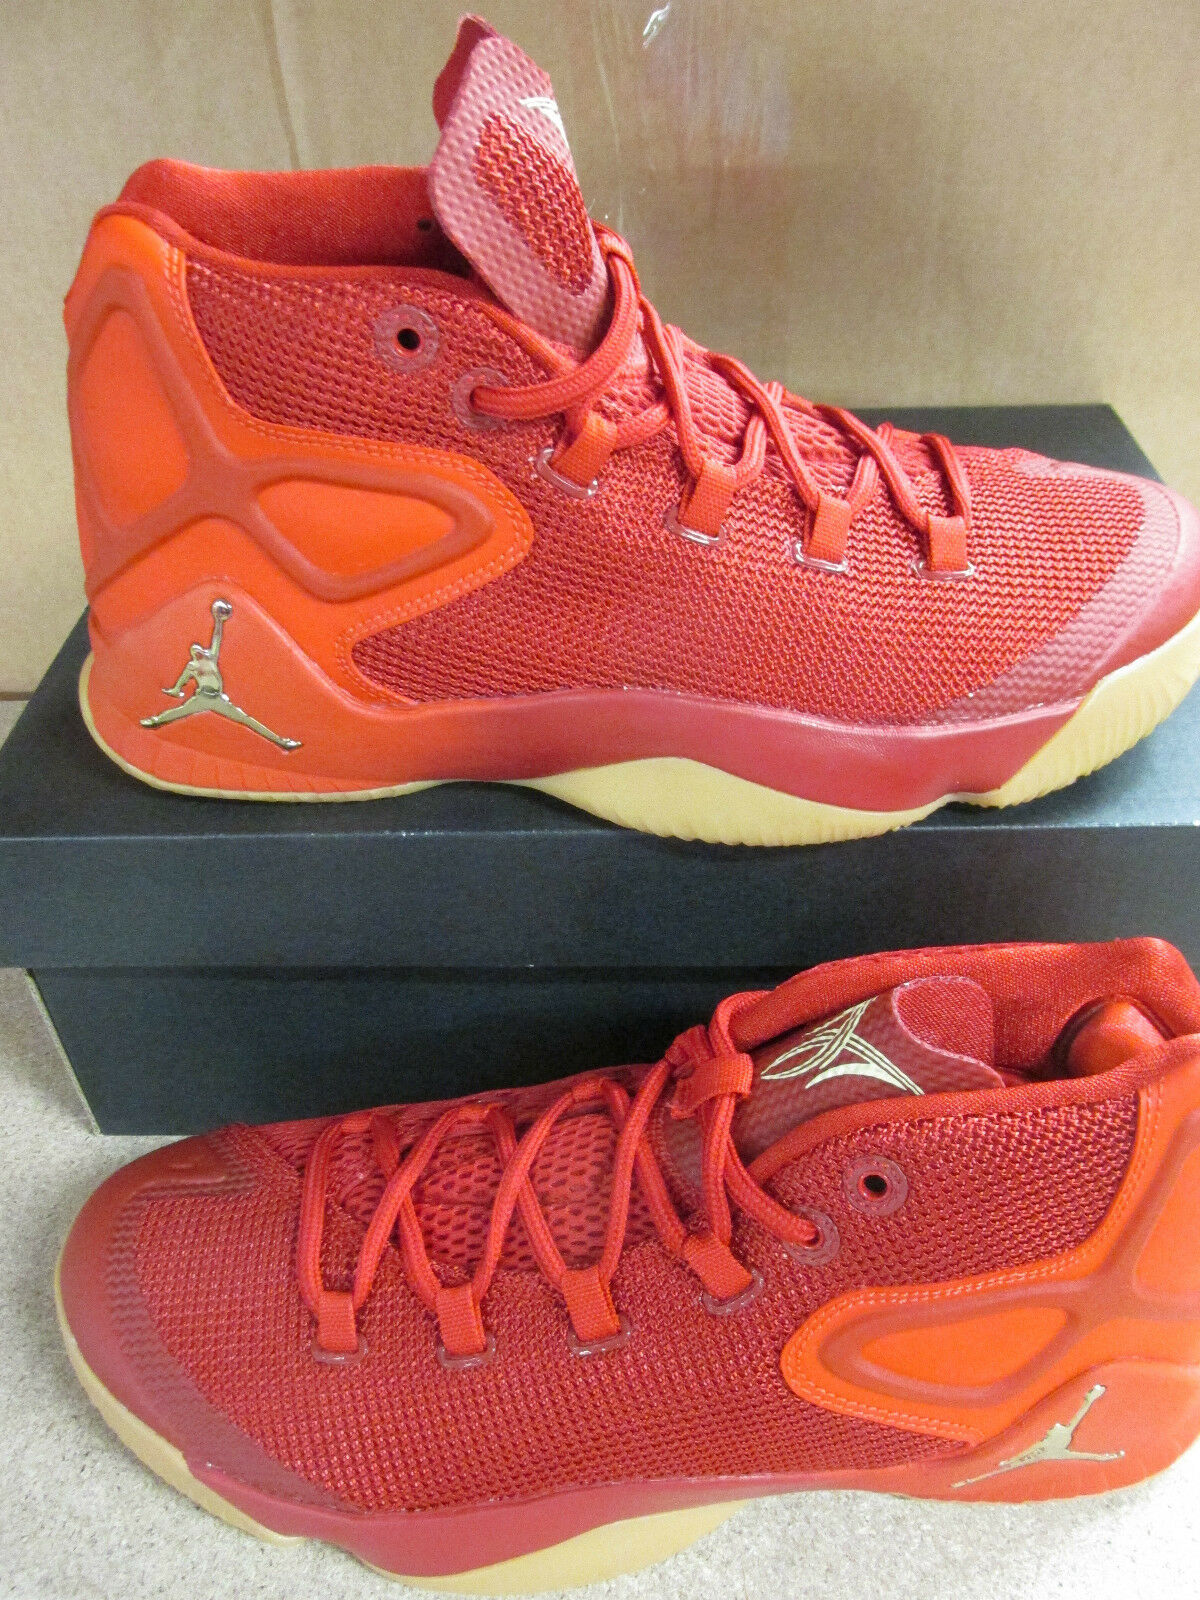 Nike Air Trainers Jordan Melo M12 Mens Hi Top Basketball Trainers Air 827176 696 Sneakers cf62a5